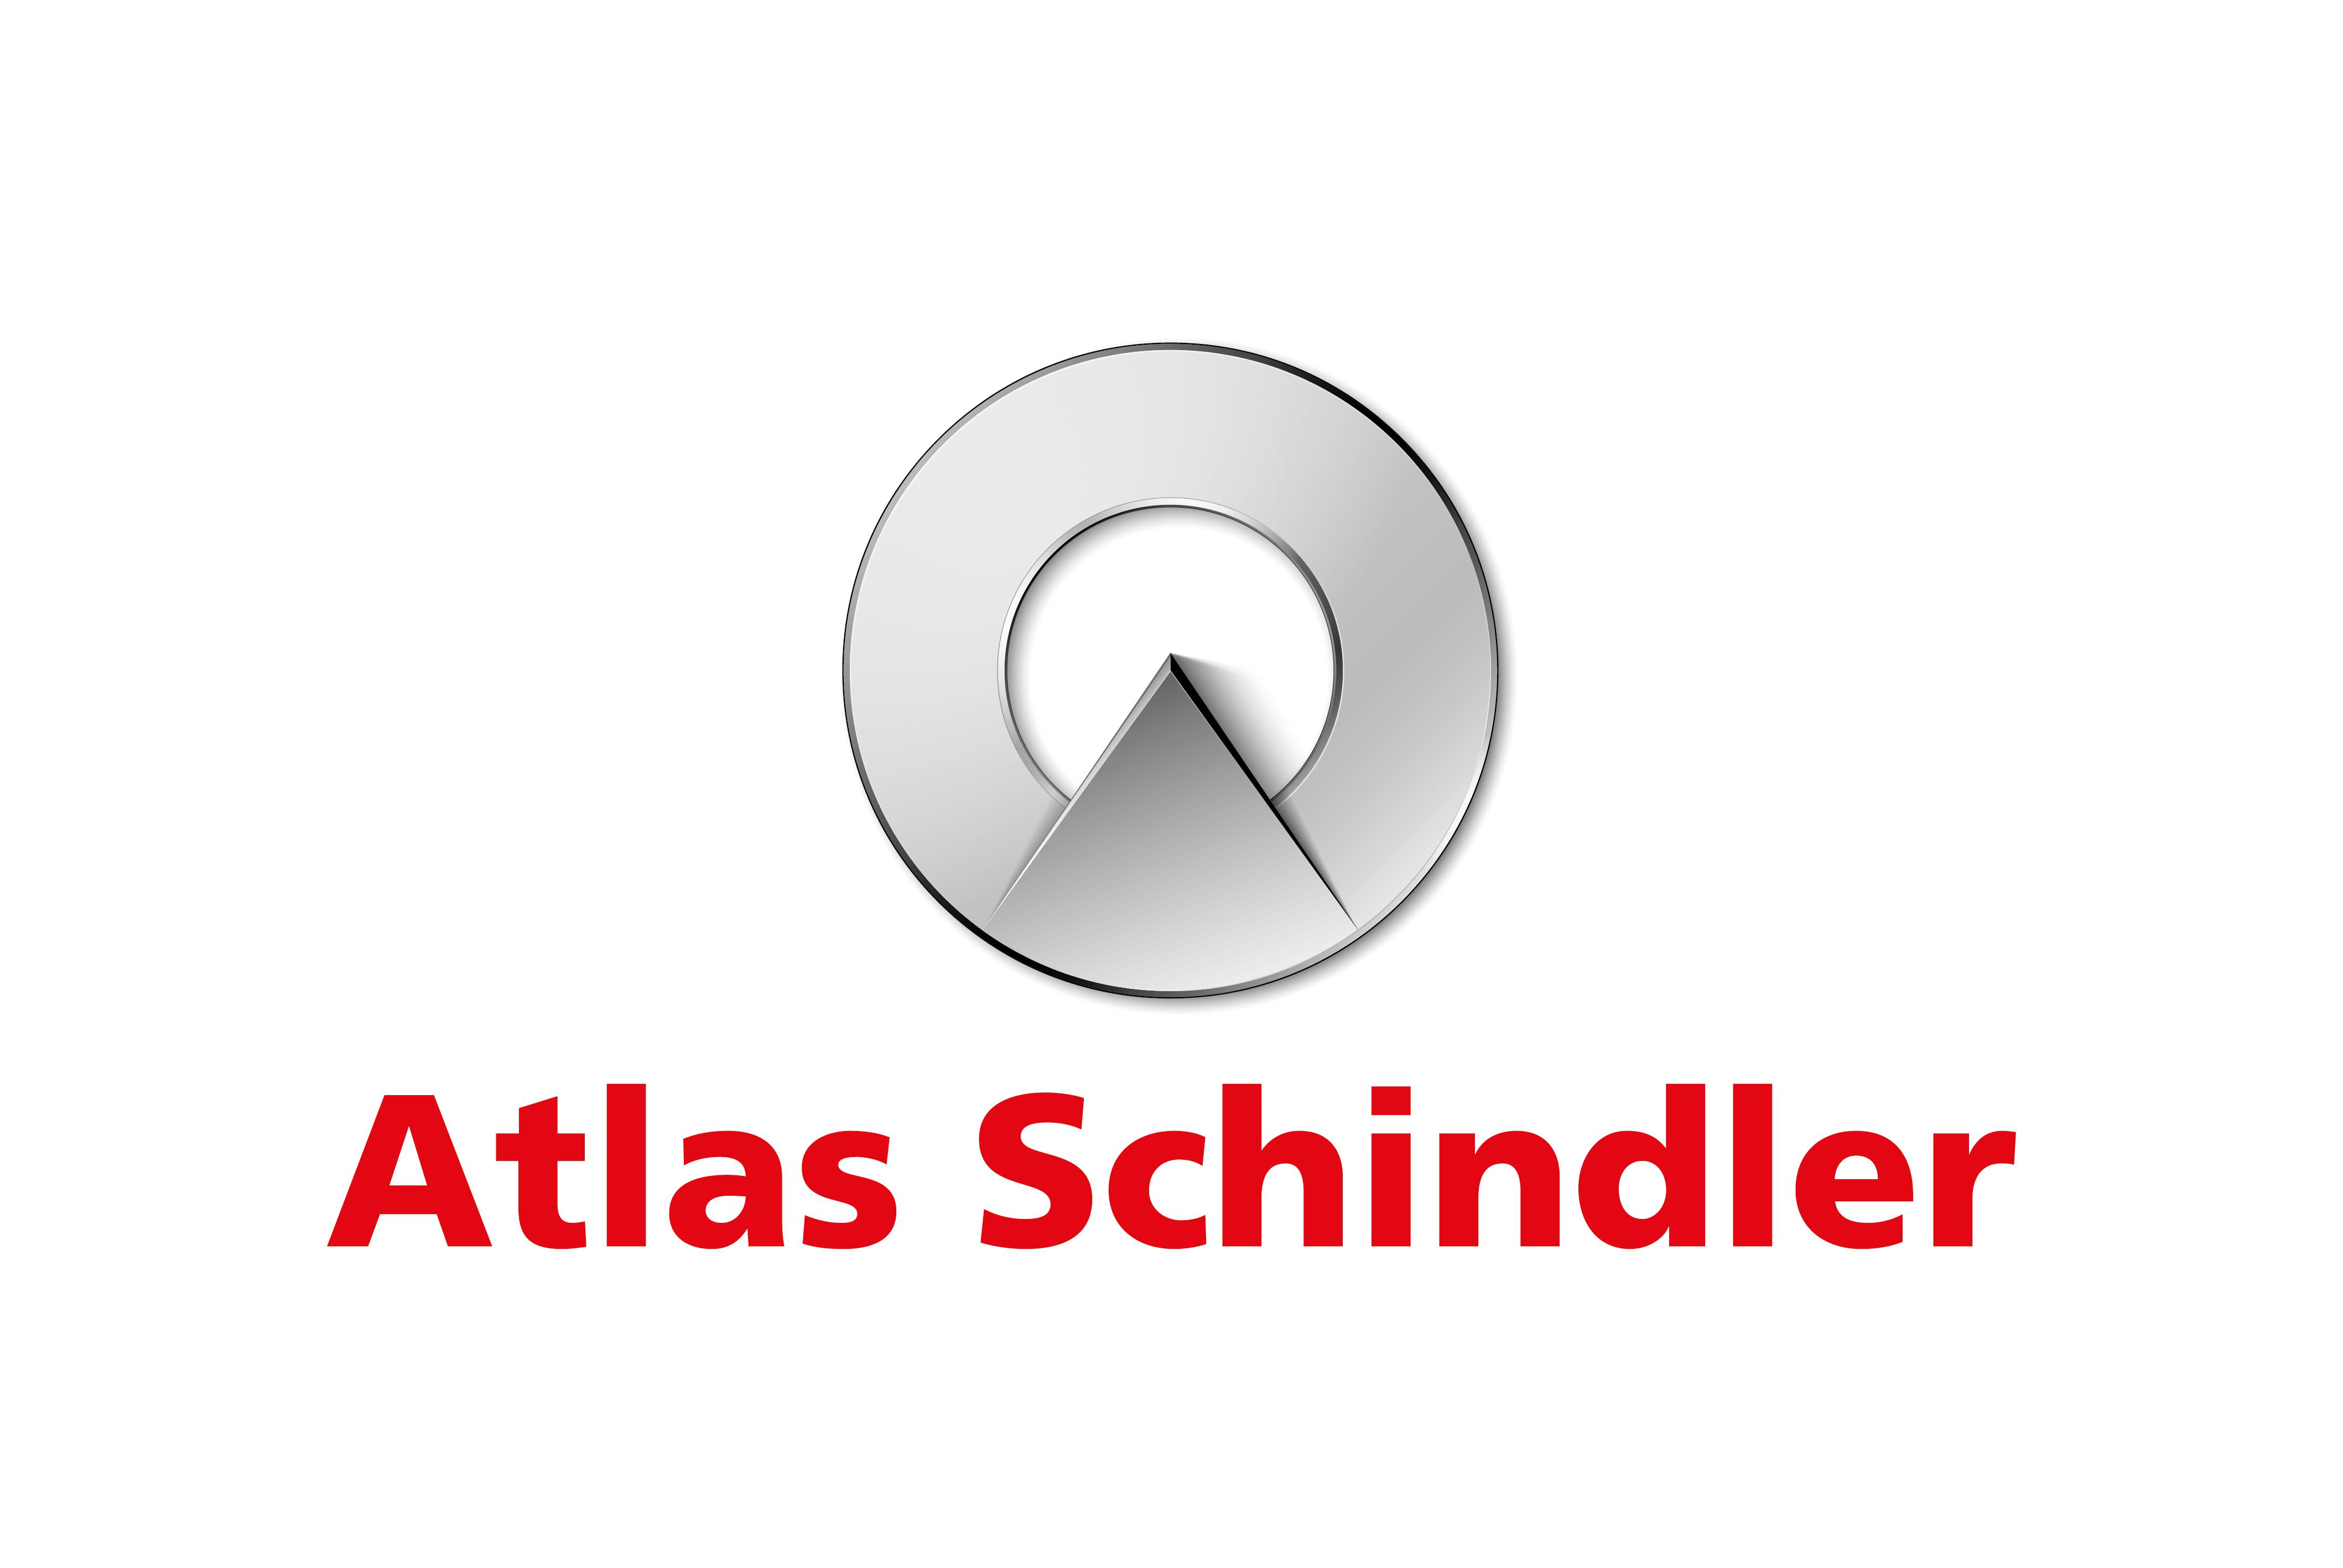 Logo da atlas